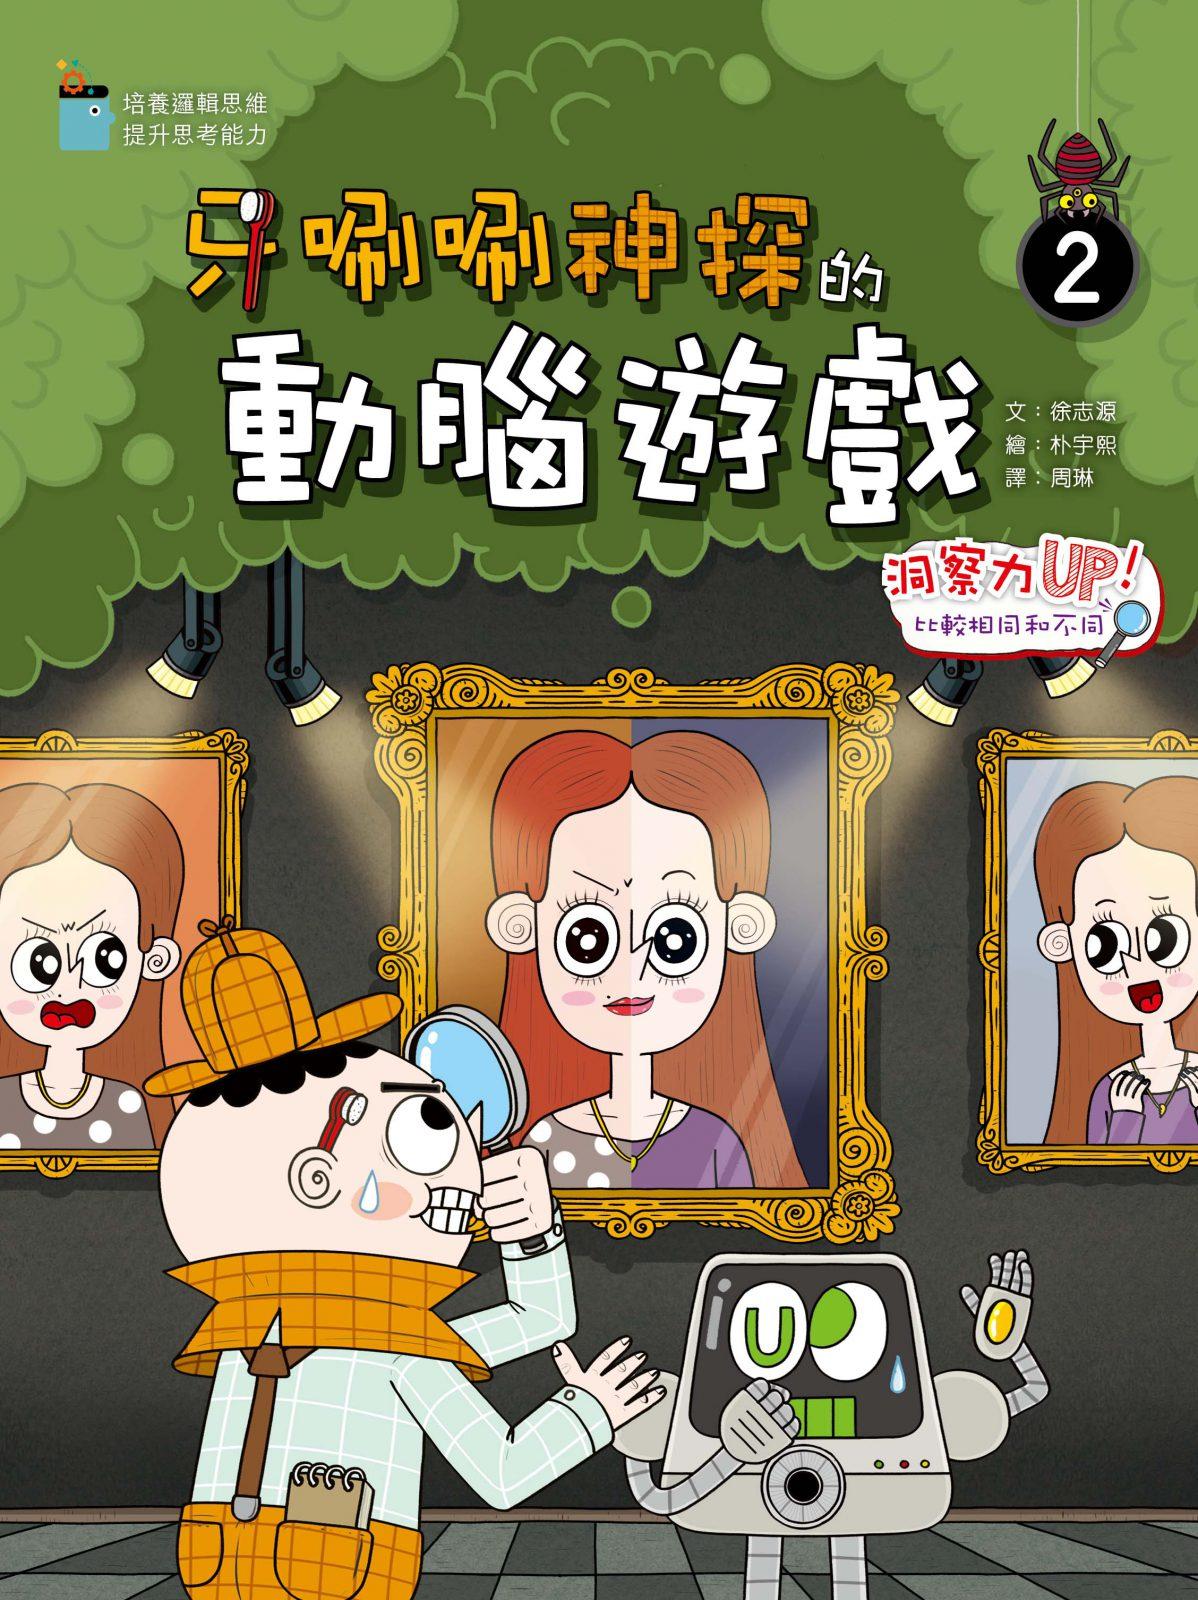 牙唰唰神探的動腦遊戲2︰洞察力UP!比較相同和不同